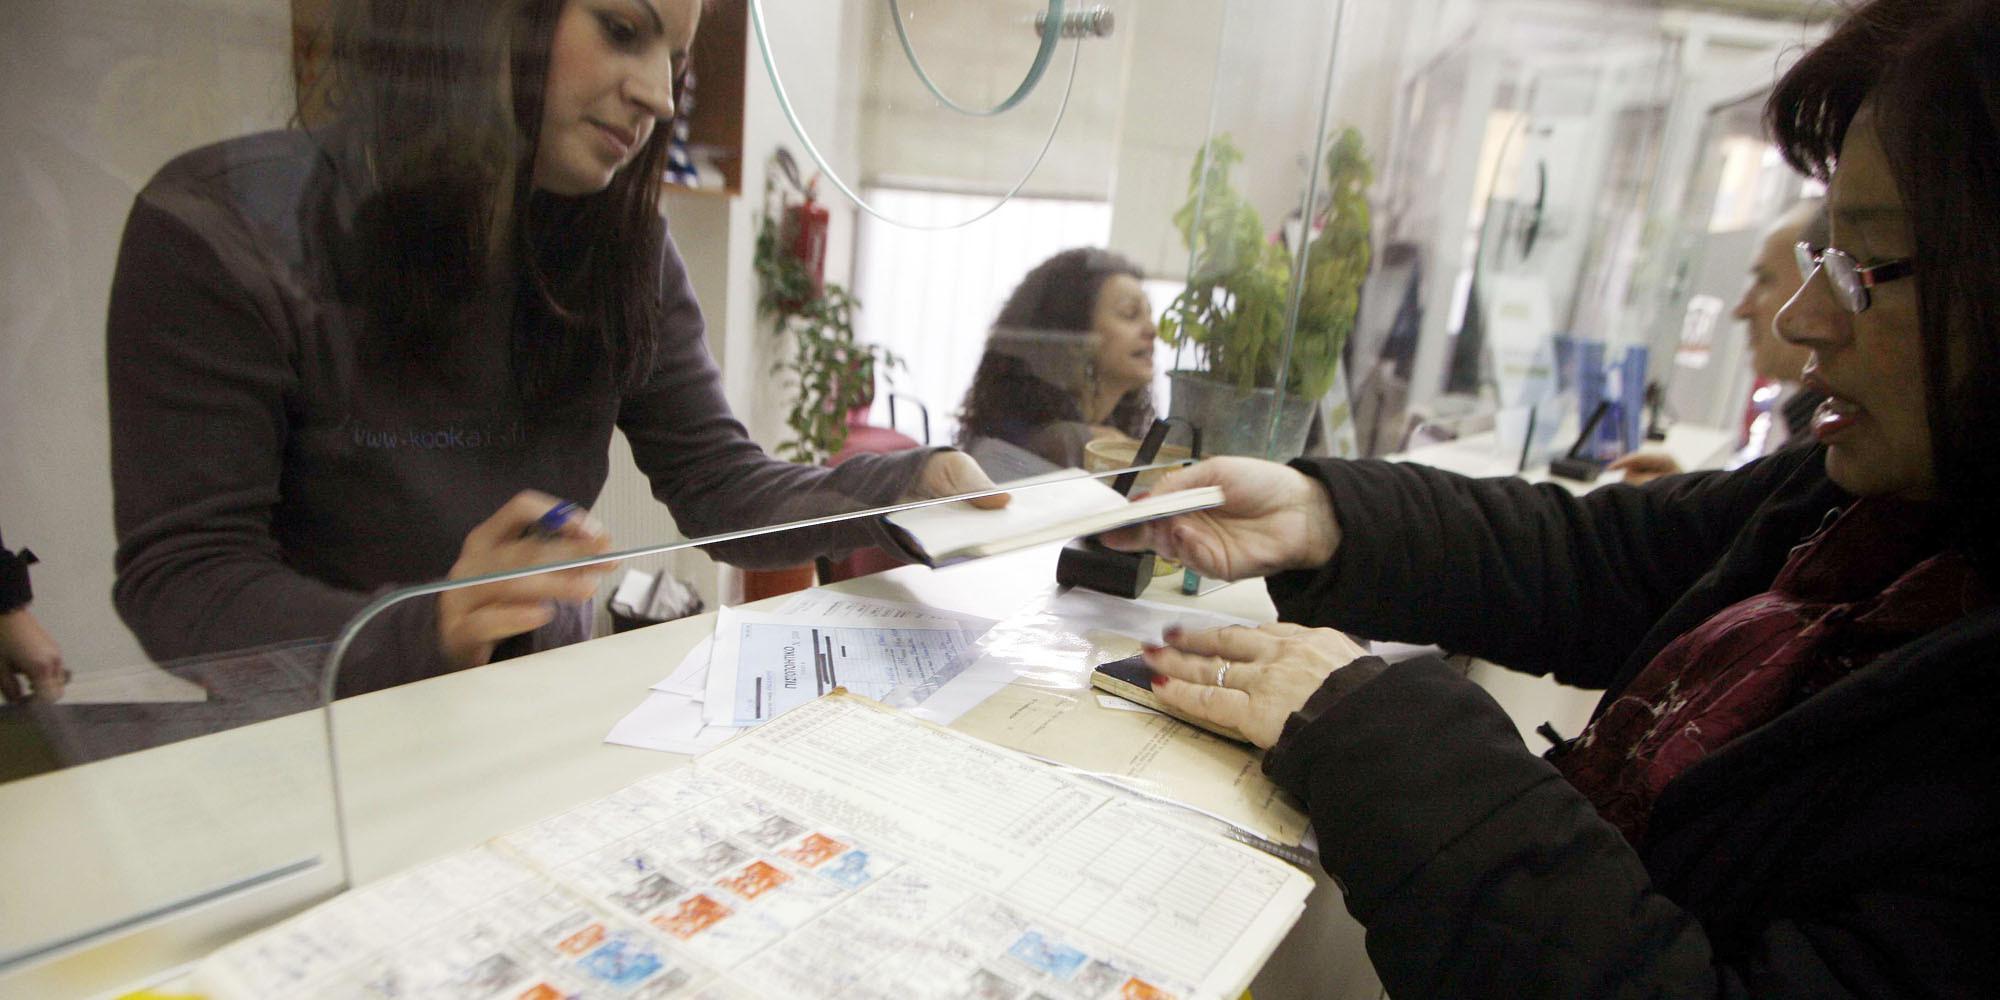 Σύνταξη: Τα ευνοϊκά όρια ηλικίας για μητέρες- γονείς σε Δημόσιο, ΙΚΑ, ΔΕΚΟ, τράπεζες [πίνακες}